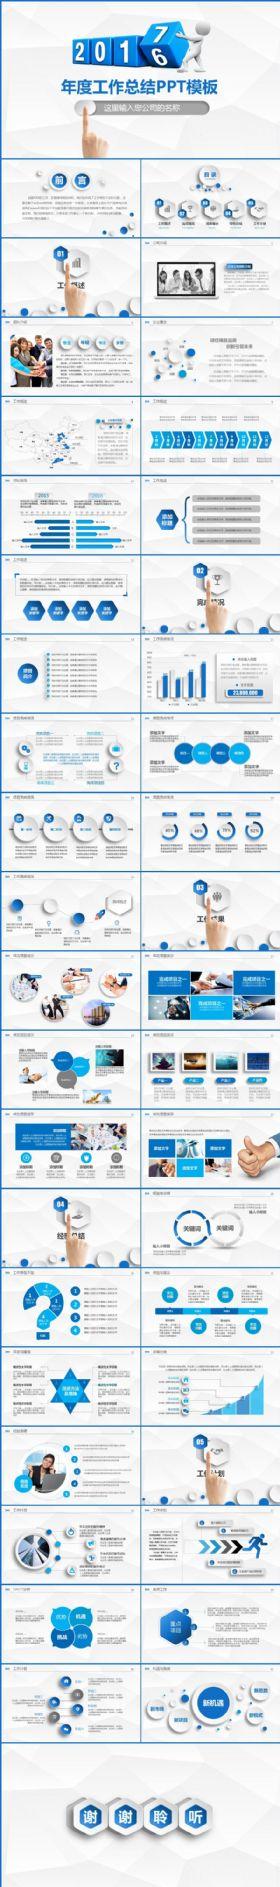 蓝色大气微立体工作报告计划总结PPT模板